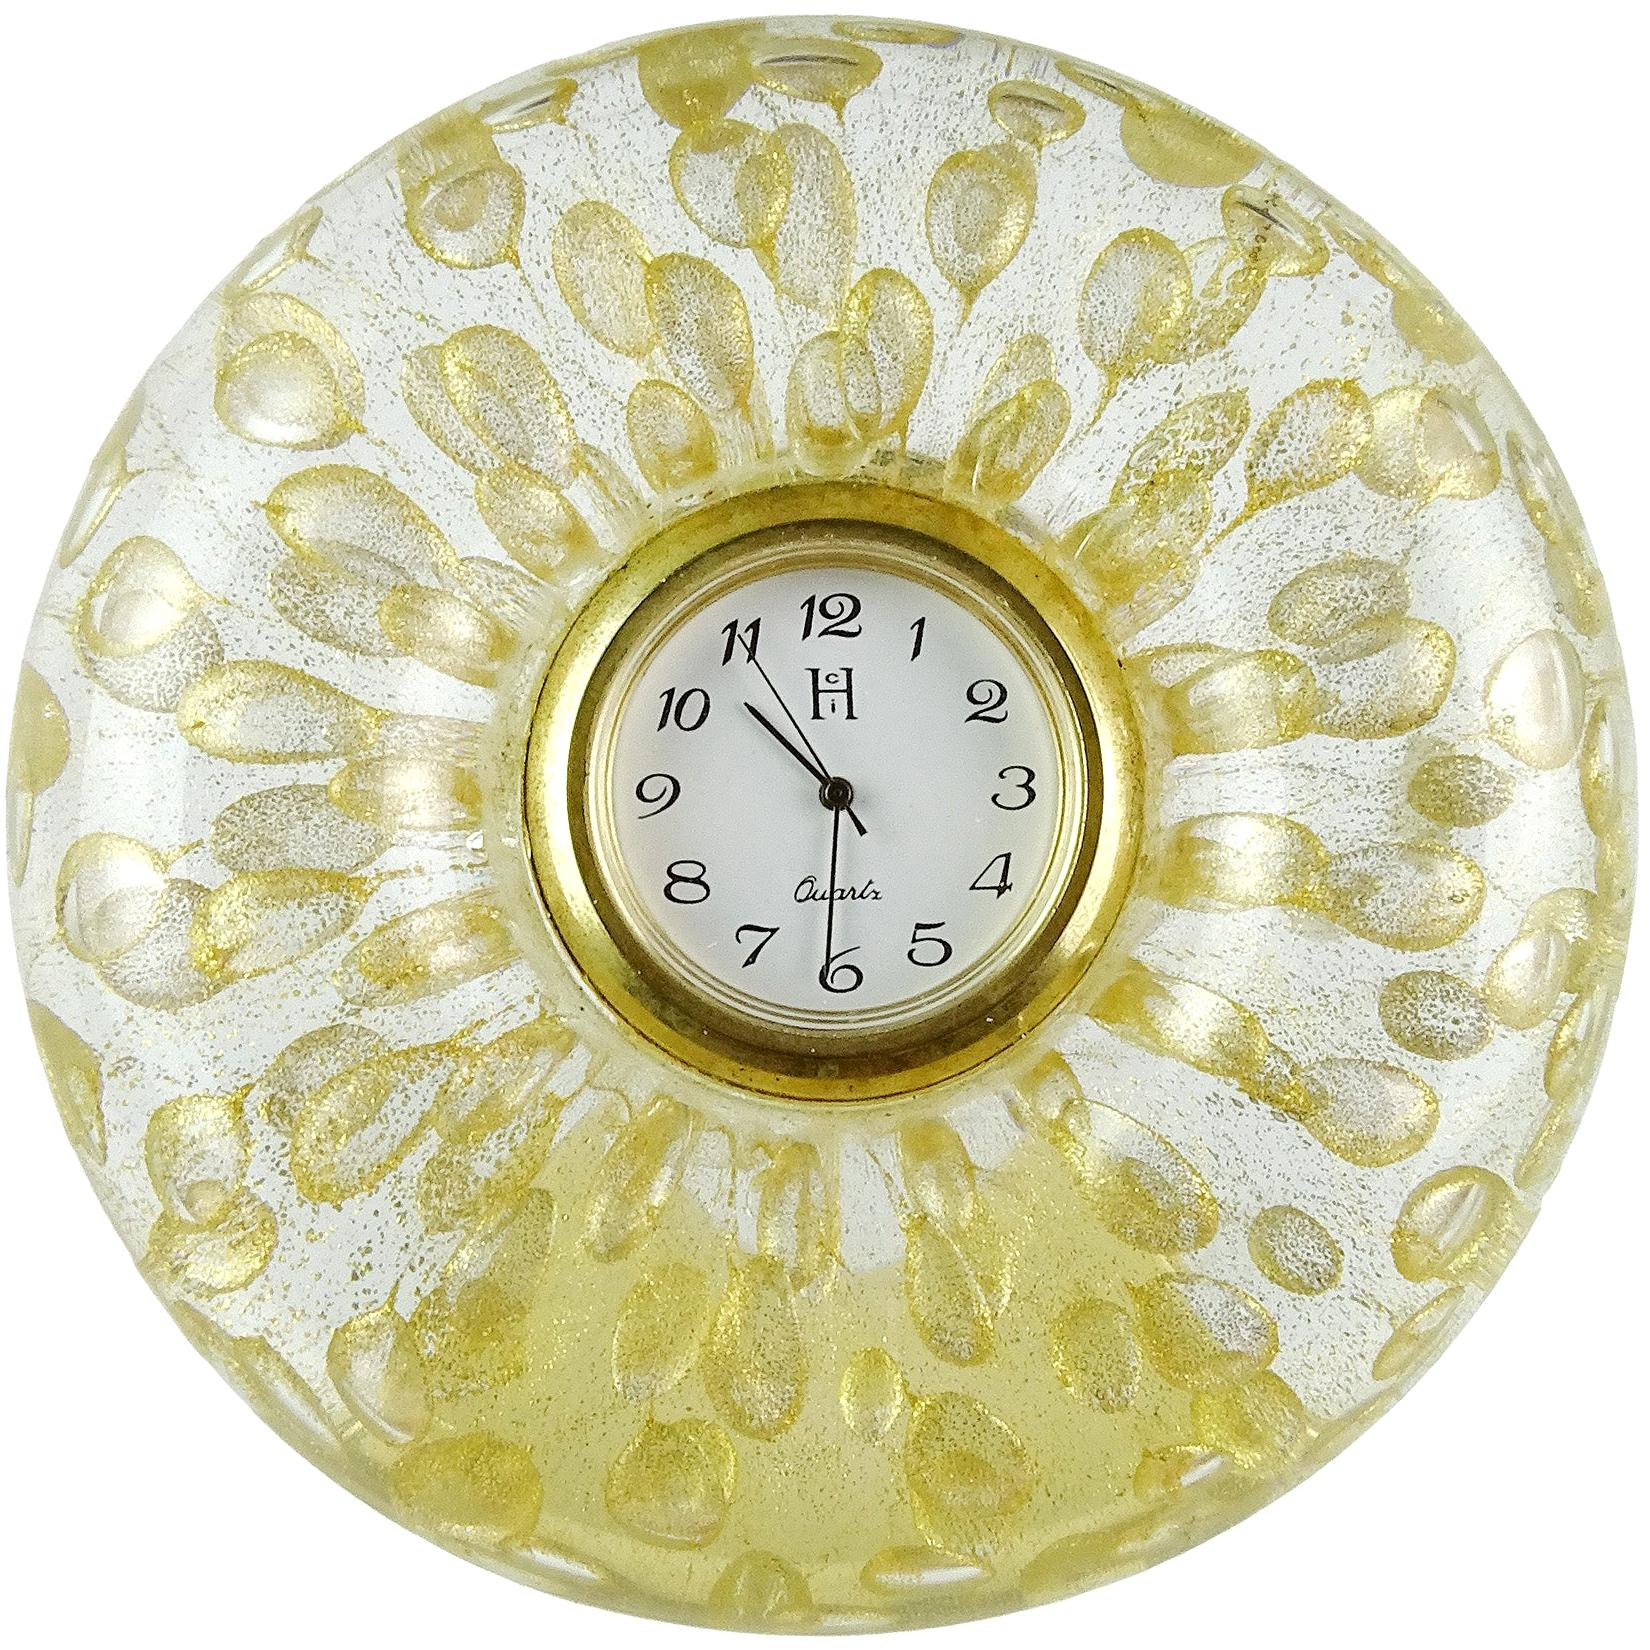 Murano Gold Flecks Bubbles Italian Art Glass Decorative Round Desk Clock